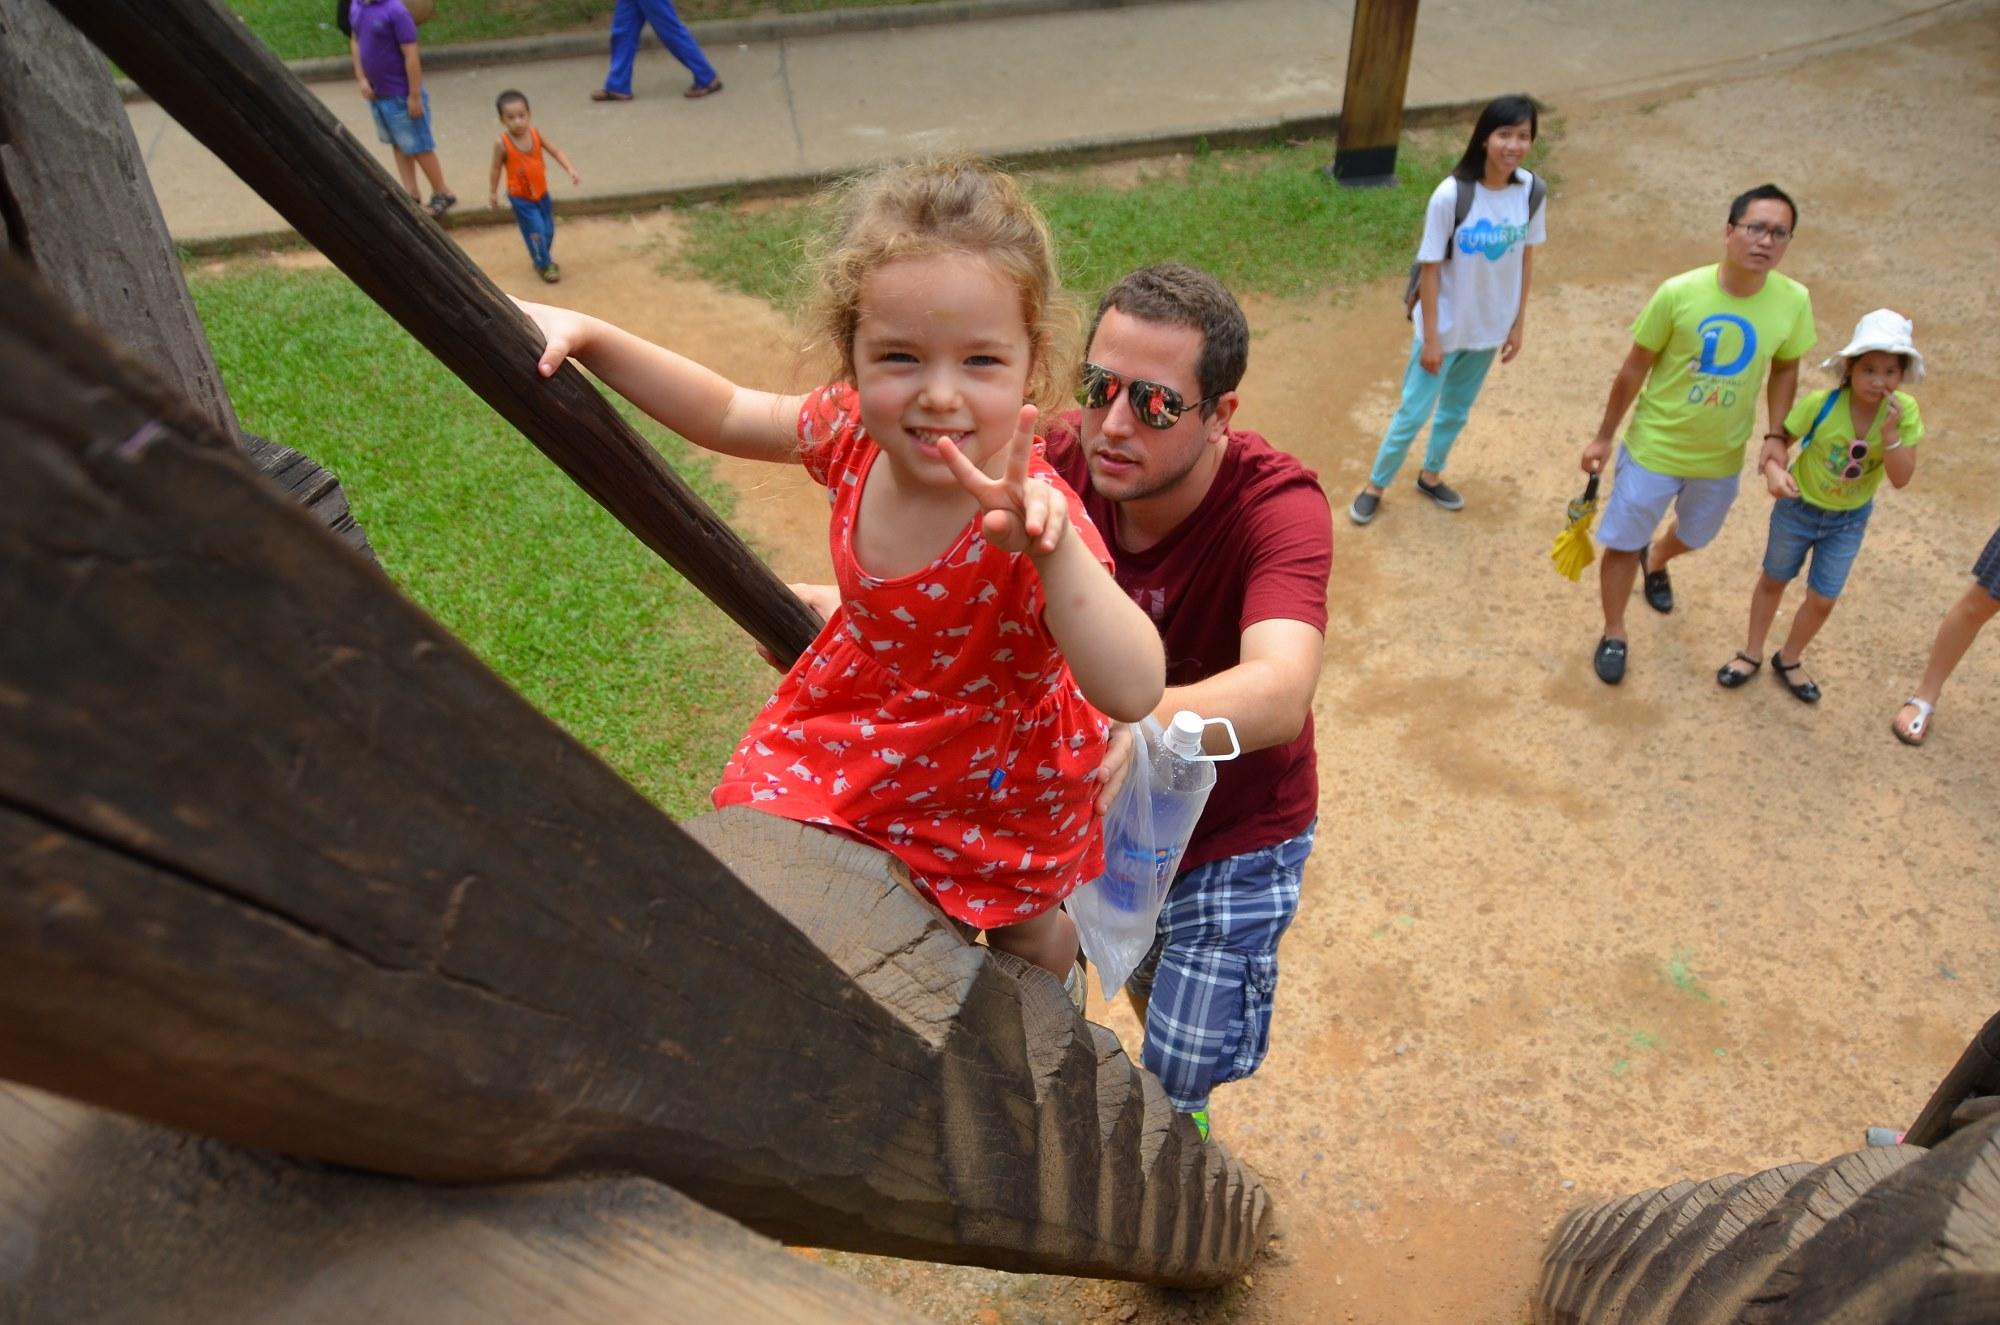 casa bahar museu etnografa etnologia hanoi vietnam criança escada